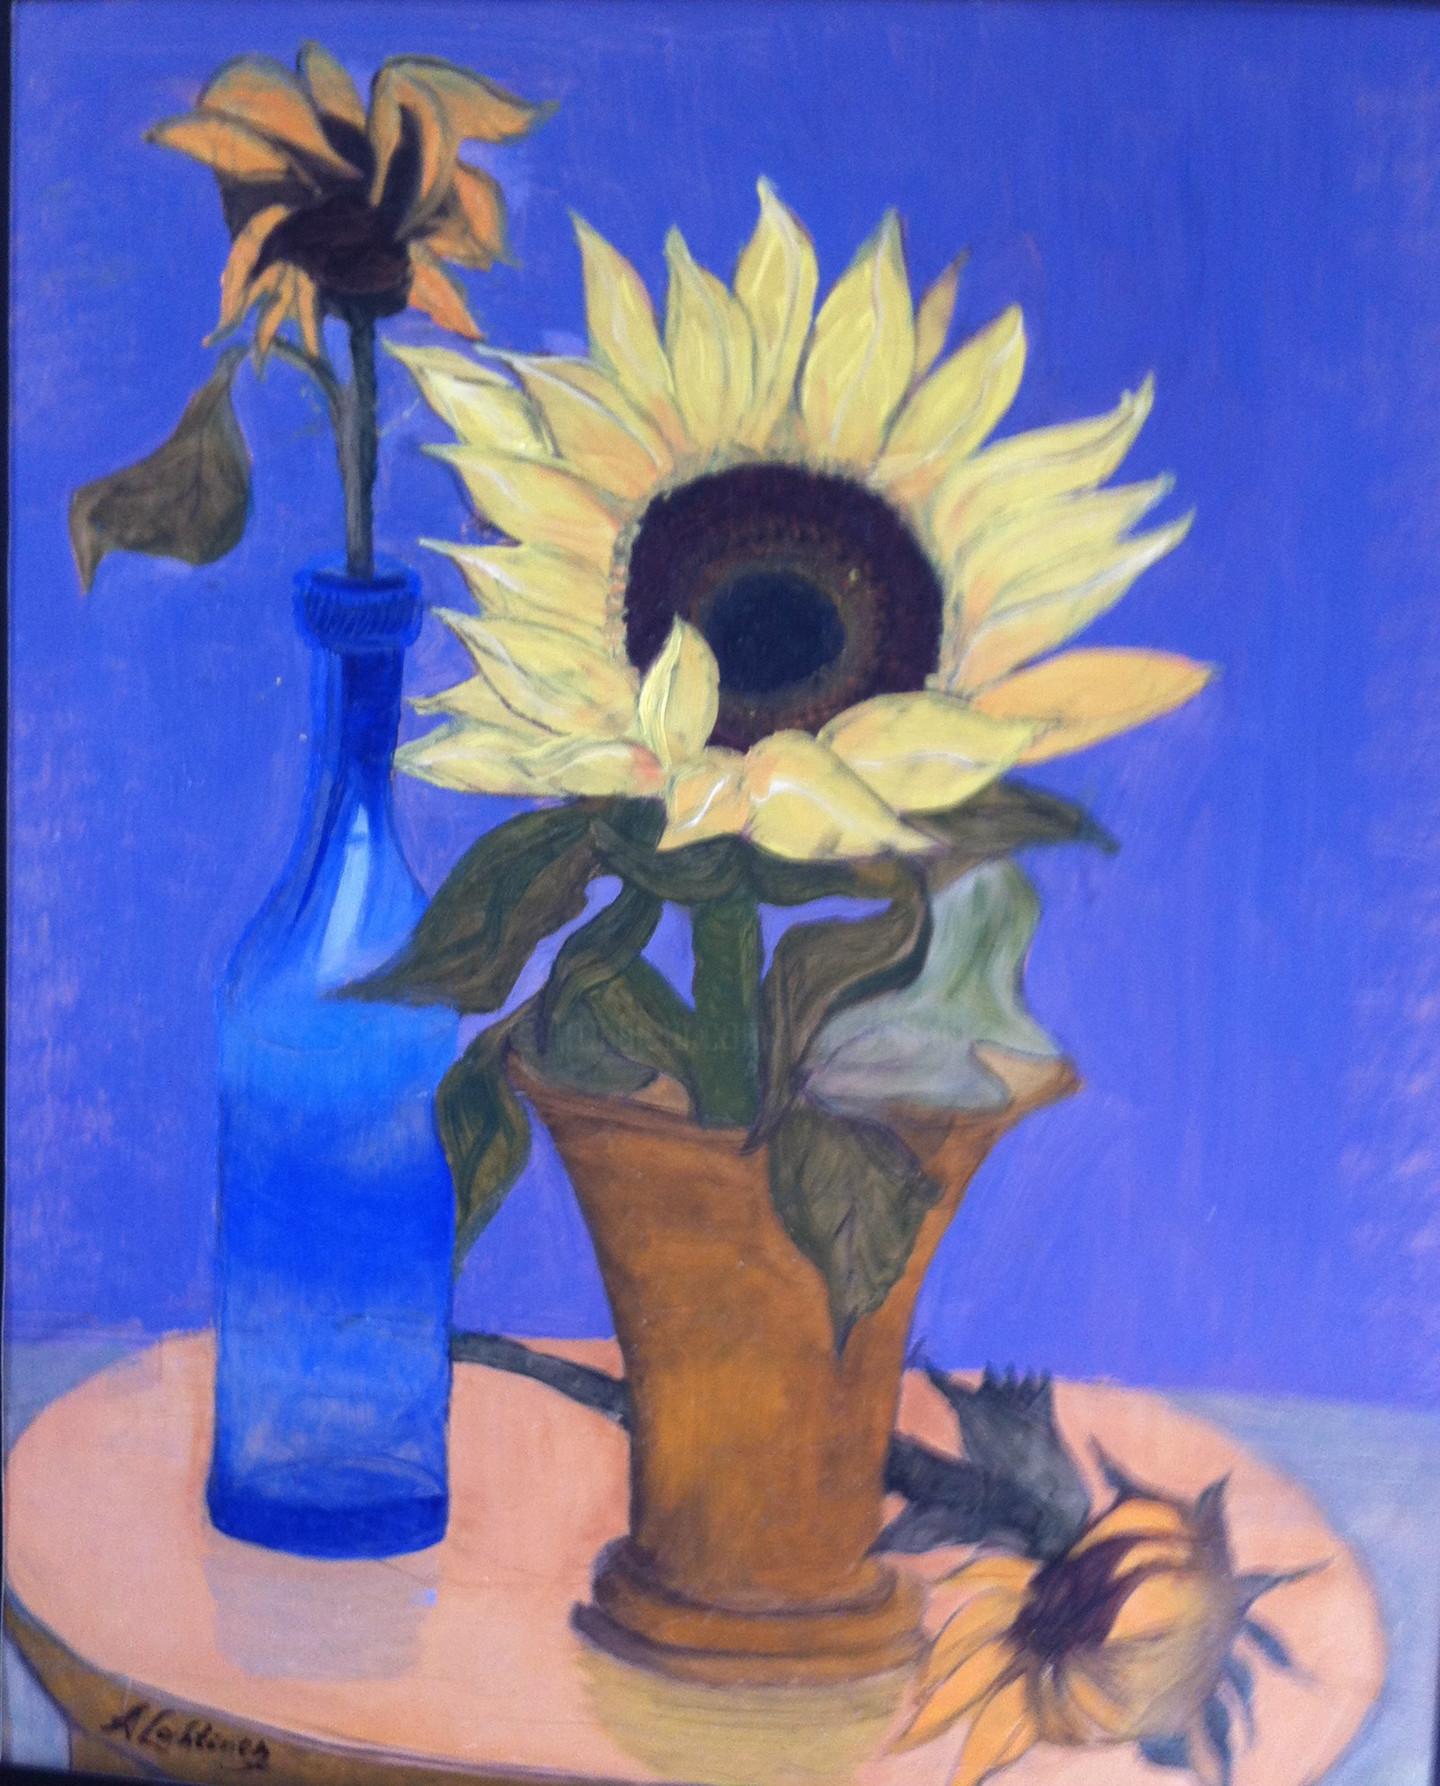 Ann Lahti - Sunflowers still life